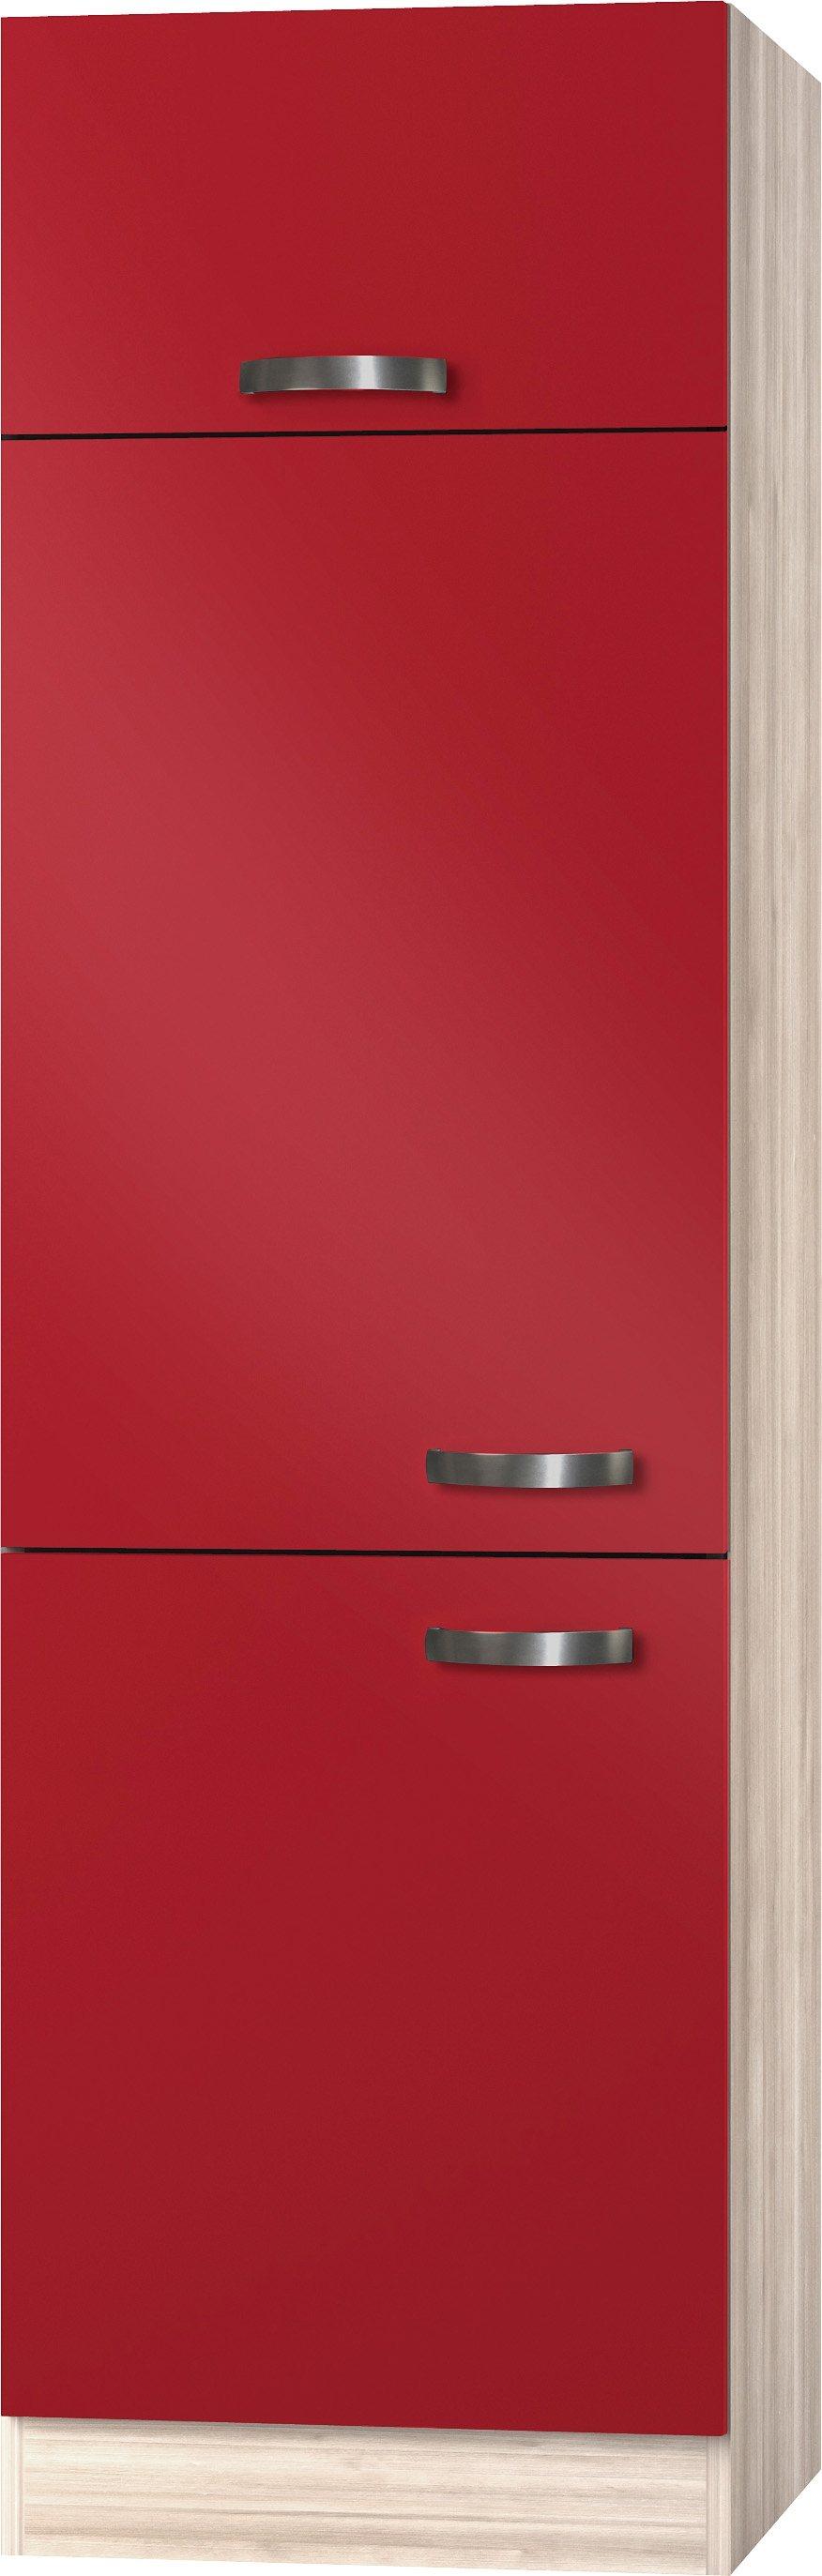 Kühlumbauschrank, OPTIFIT, »Faro« | Küche und Esszimmer > Küchenschränke > Umbauschränke | Weiss - Rot - Weiß | Akazie - Melamin | OPTIFIT